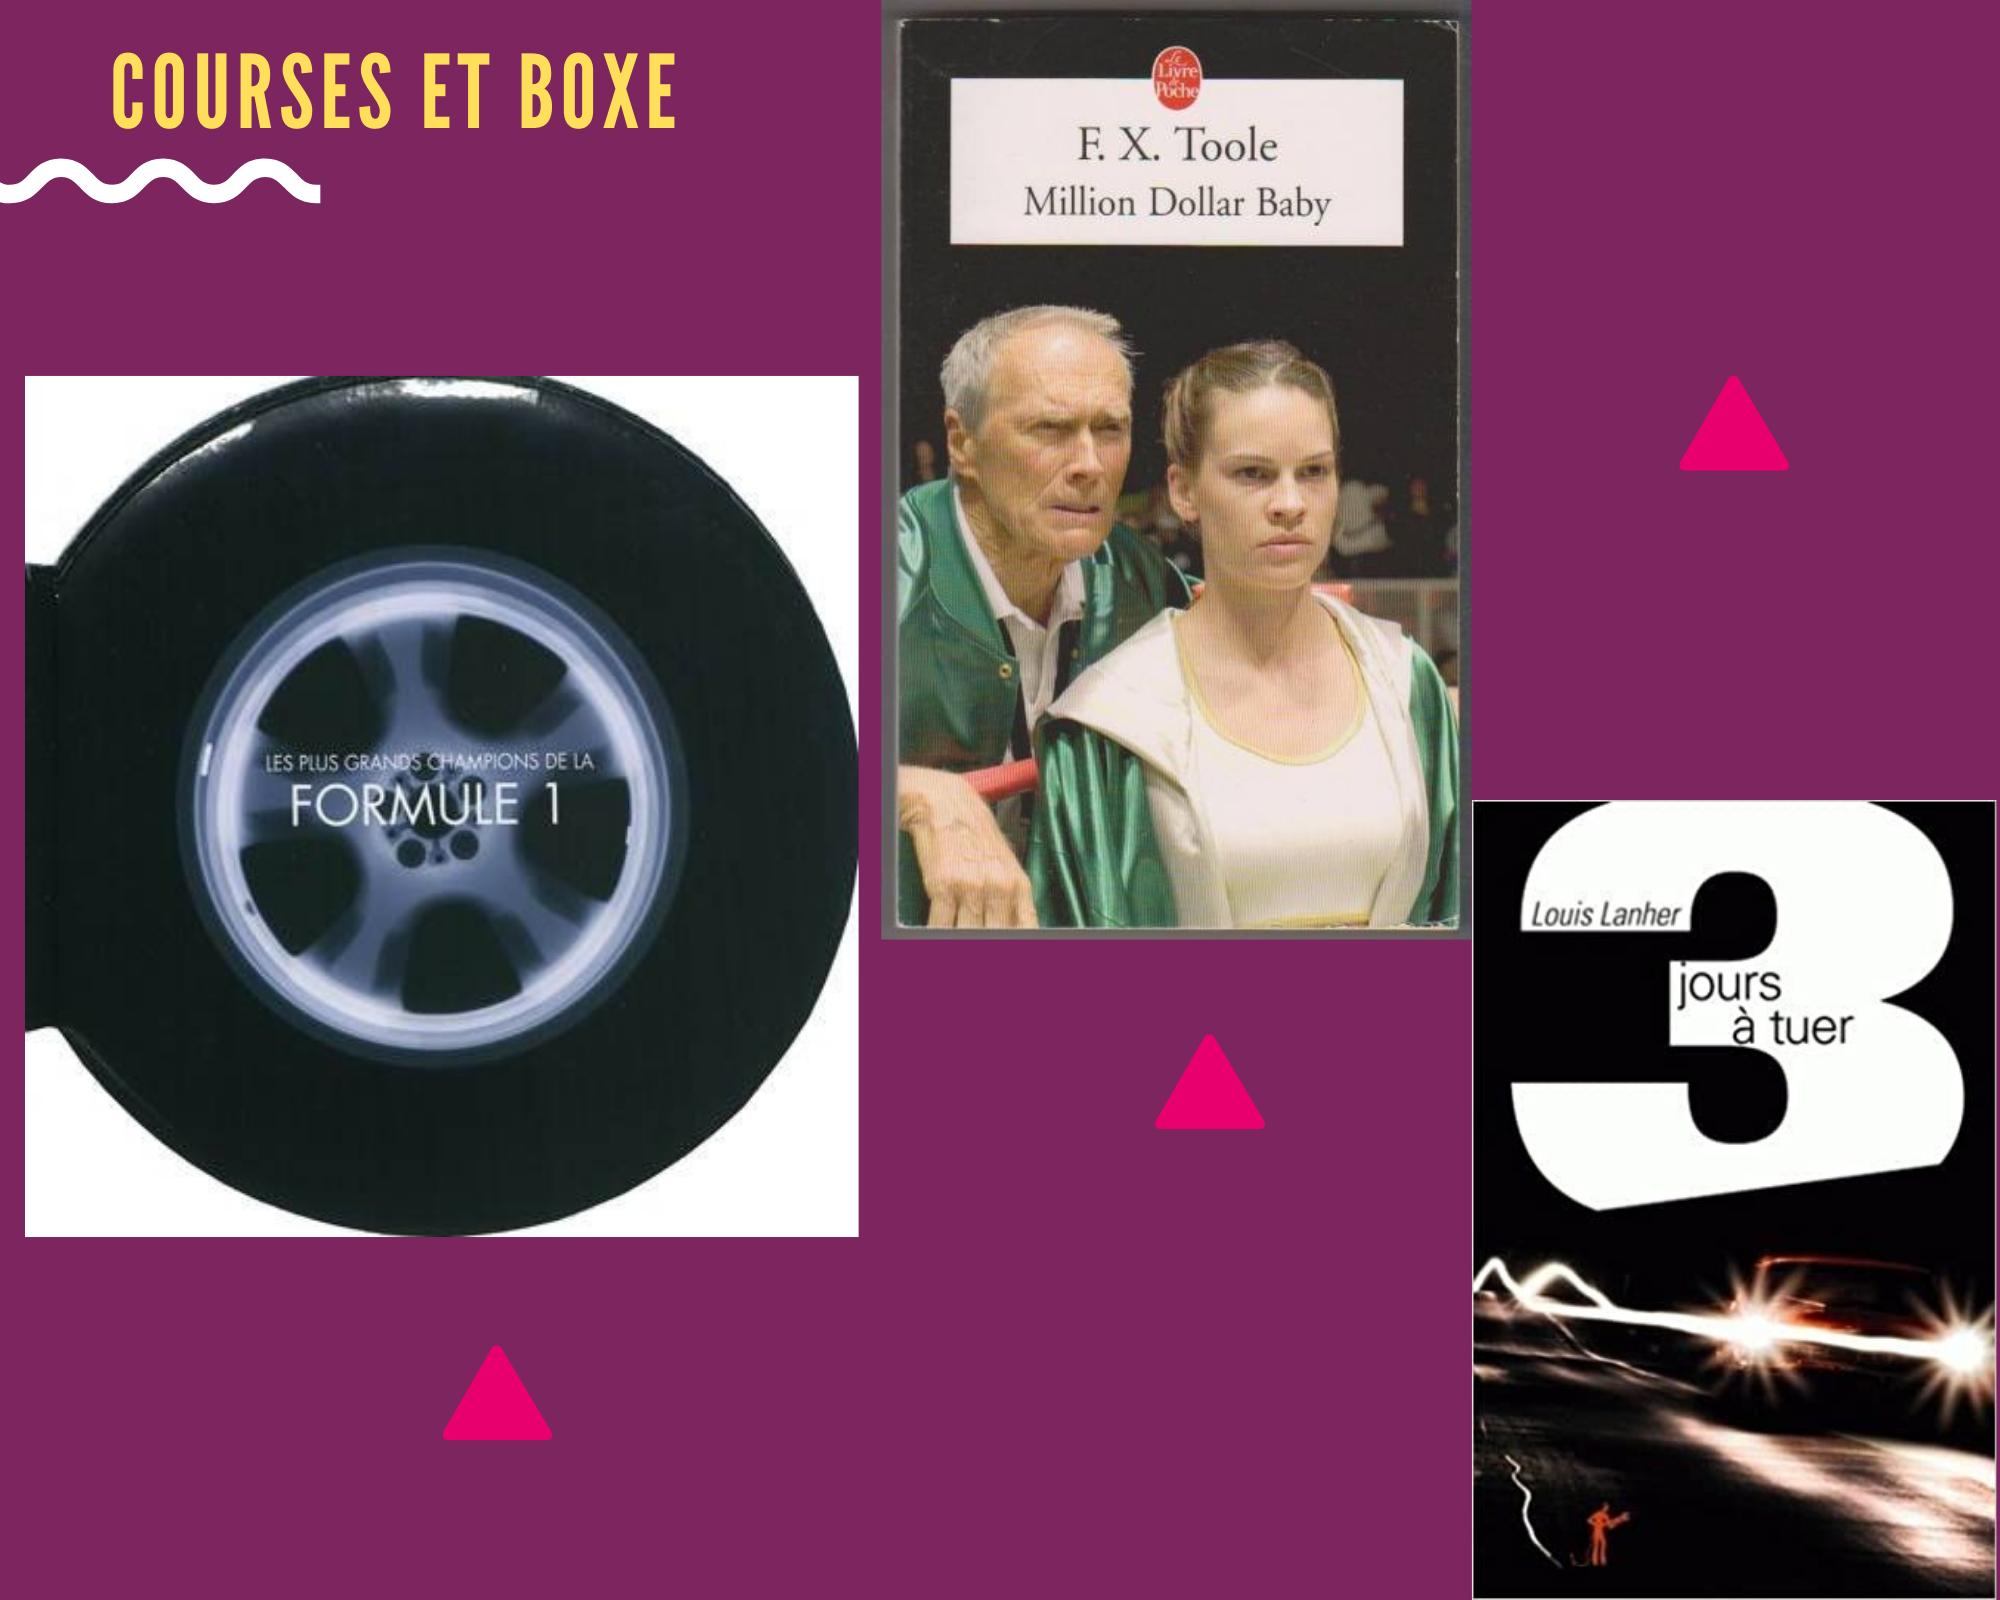 box55 courses et boxe